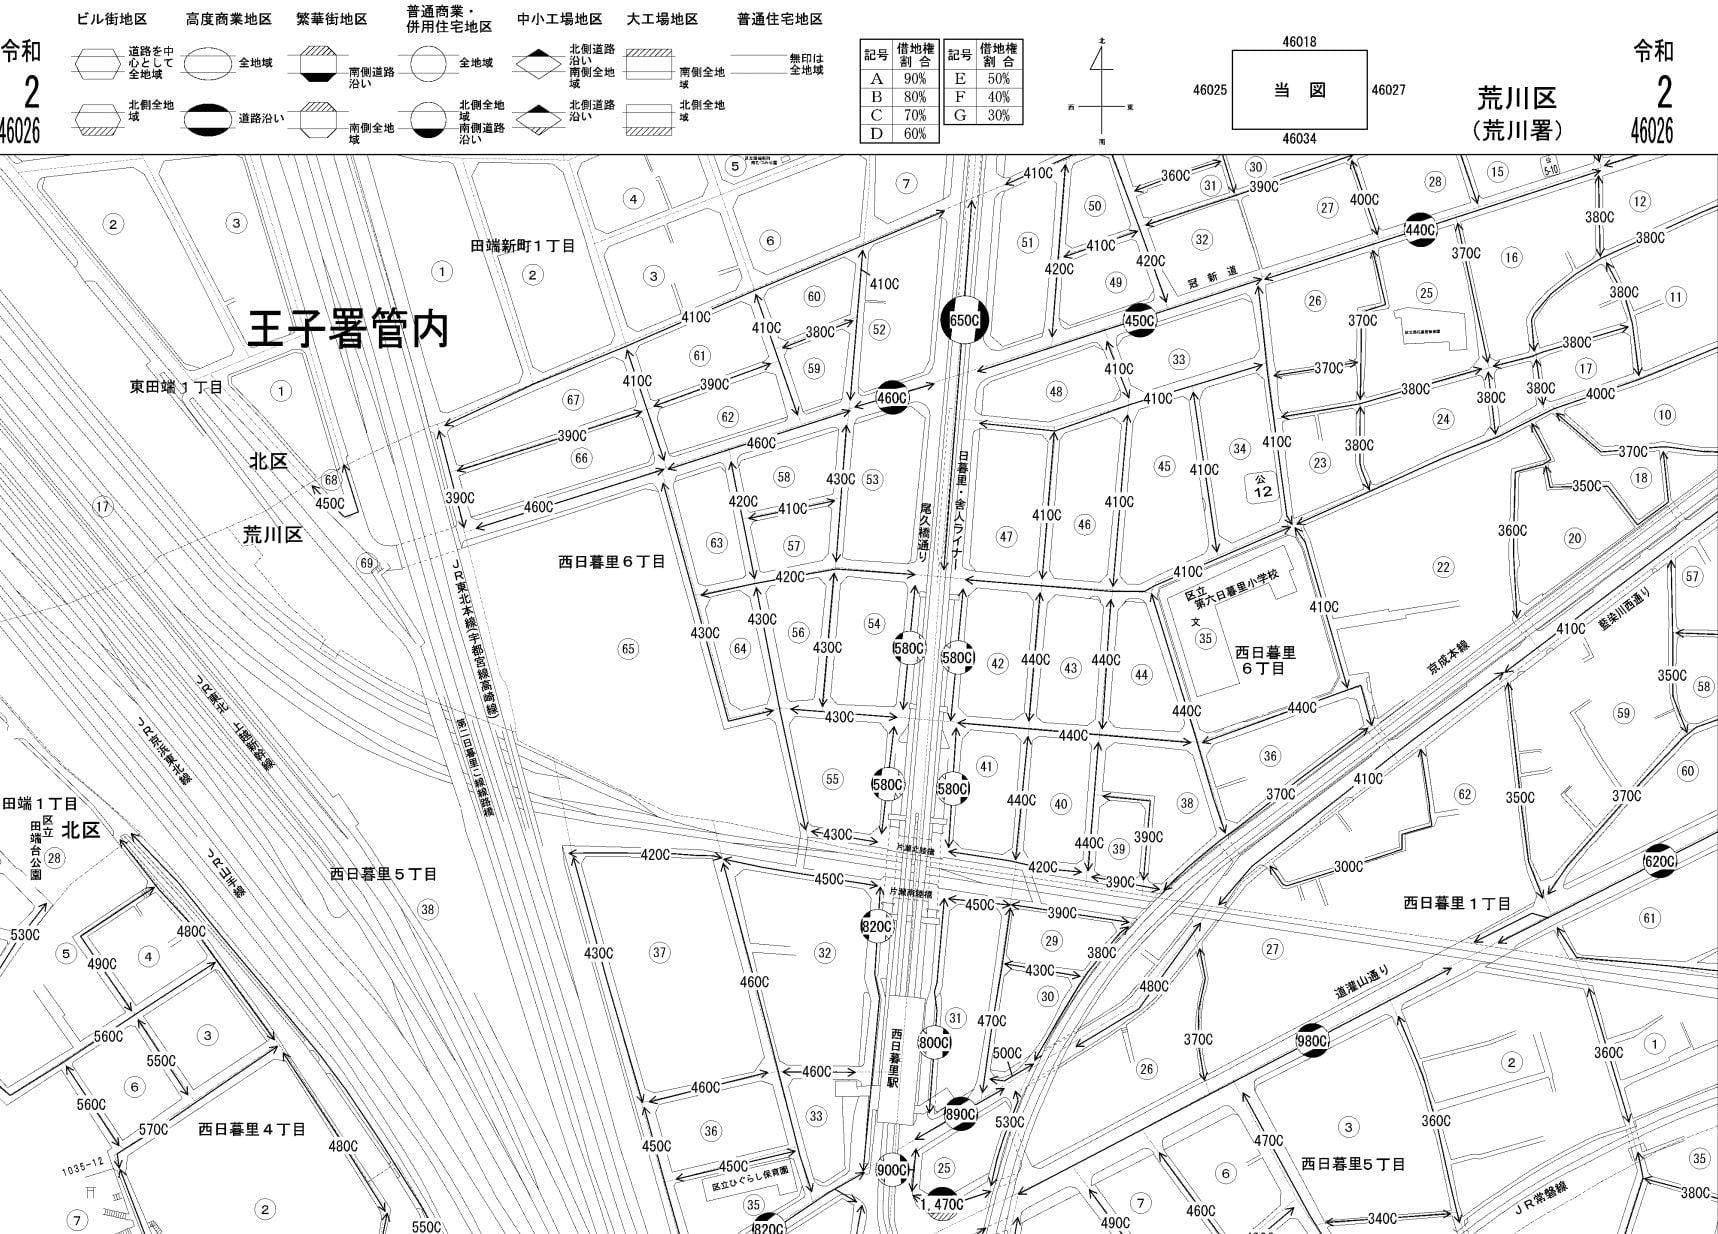 東京都荒川区の路線価図